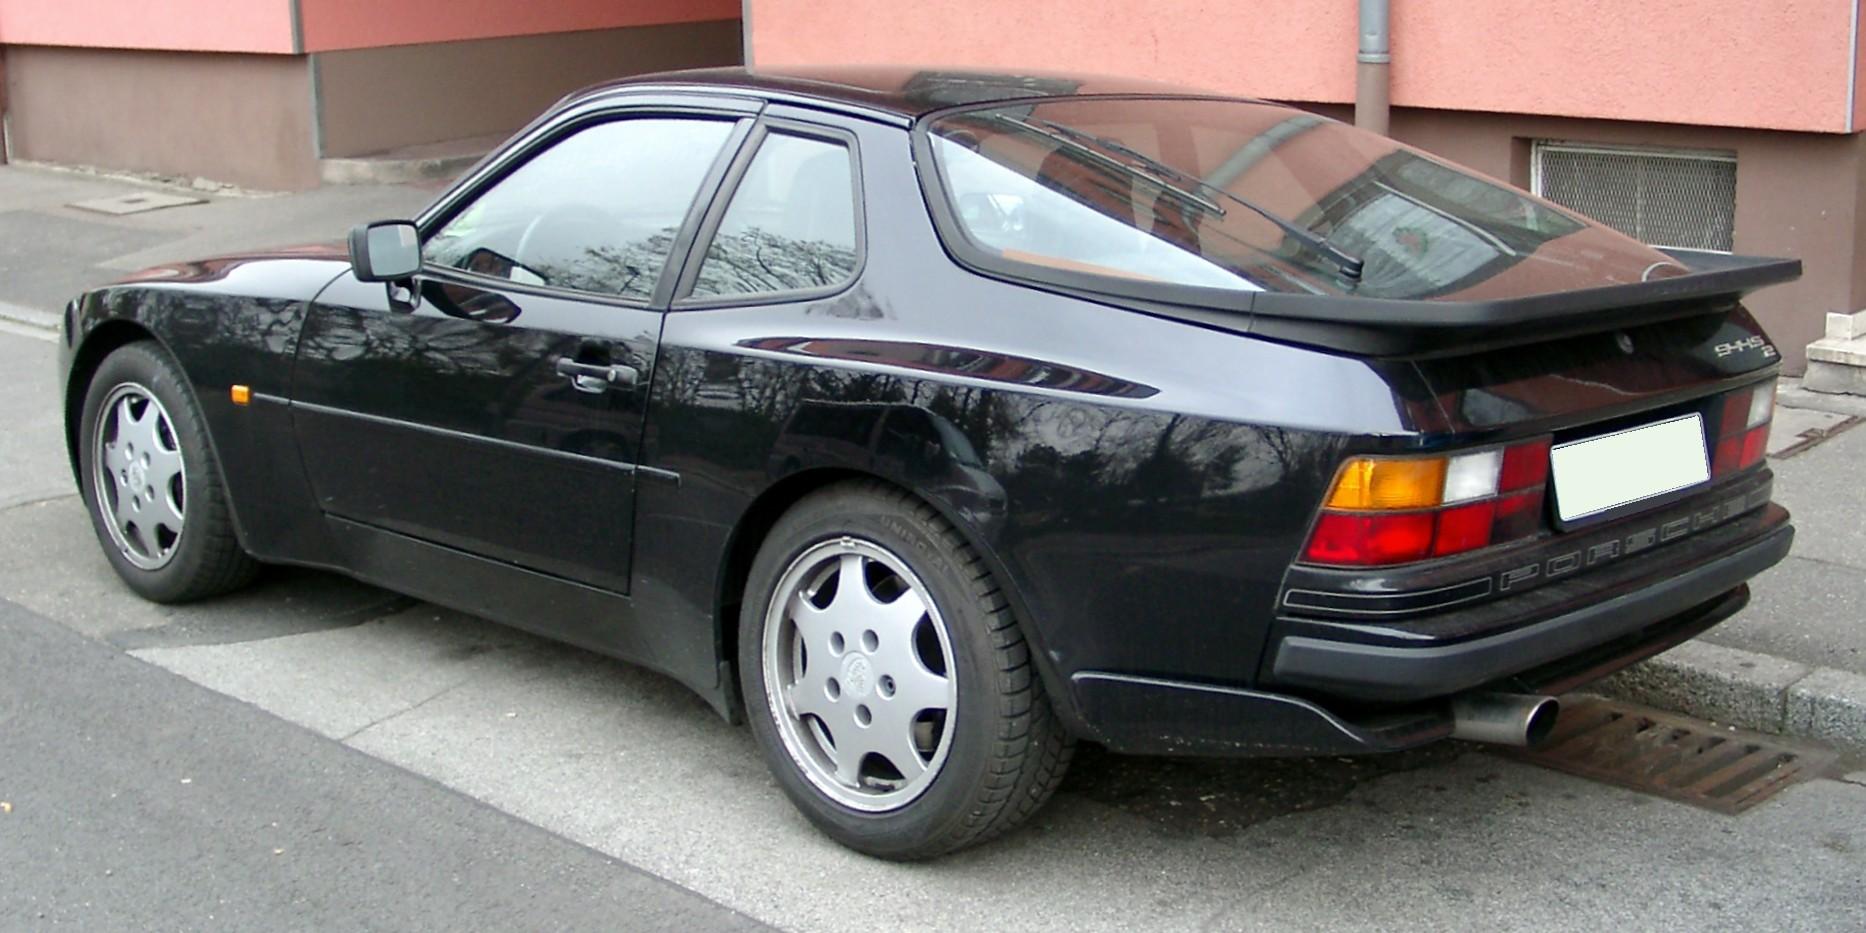 Porsche 944 Sp 233 Cifications Techniques Et 233 Conomie De Carburant